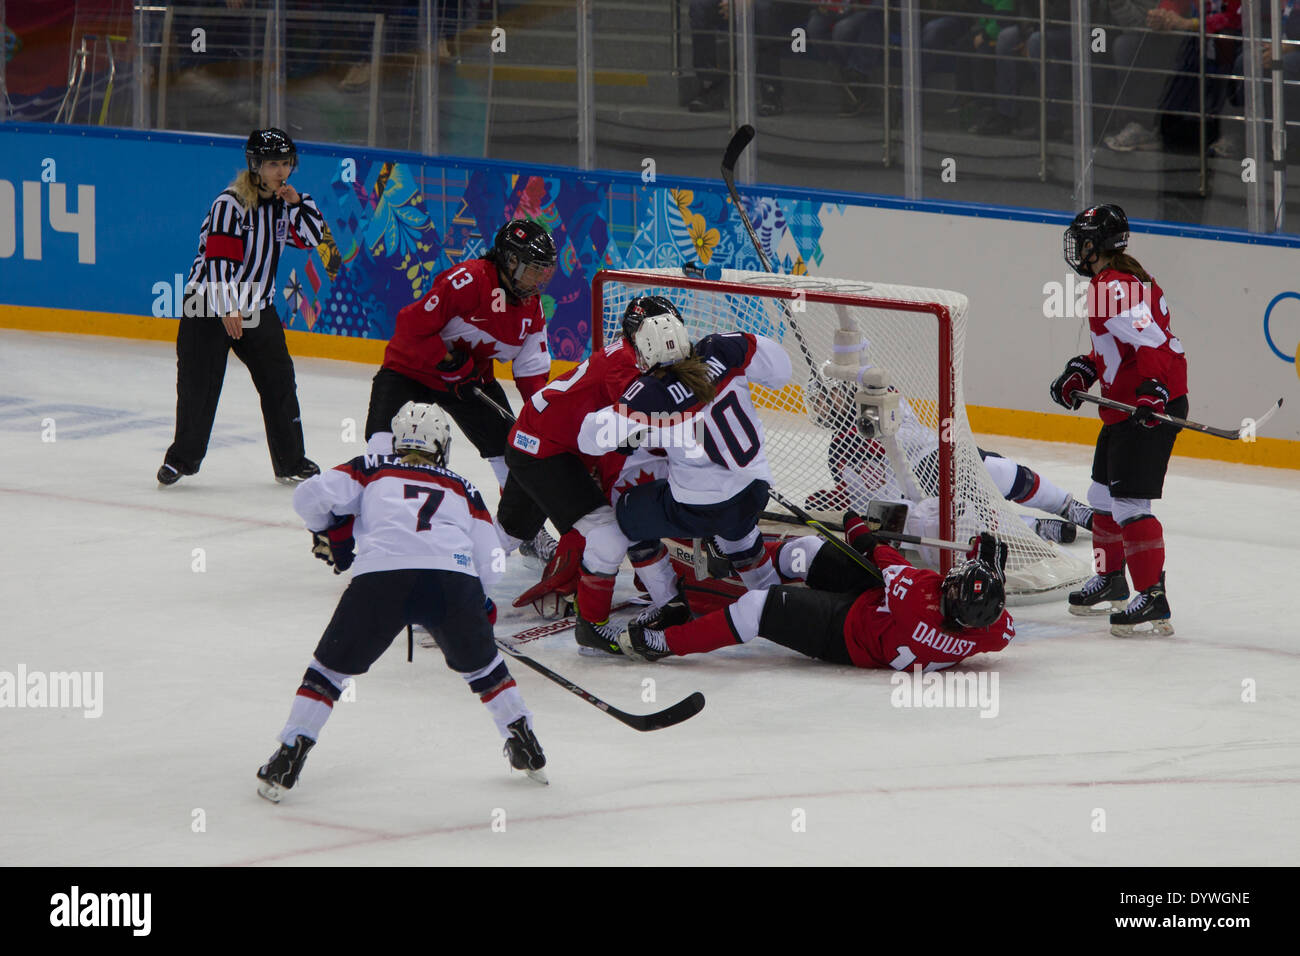 La mujer USA-Canada Hockey sobre hielo en los Juegos Olímpicos de Invierno, Sochi 2014 Imagen De Stock